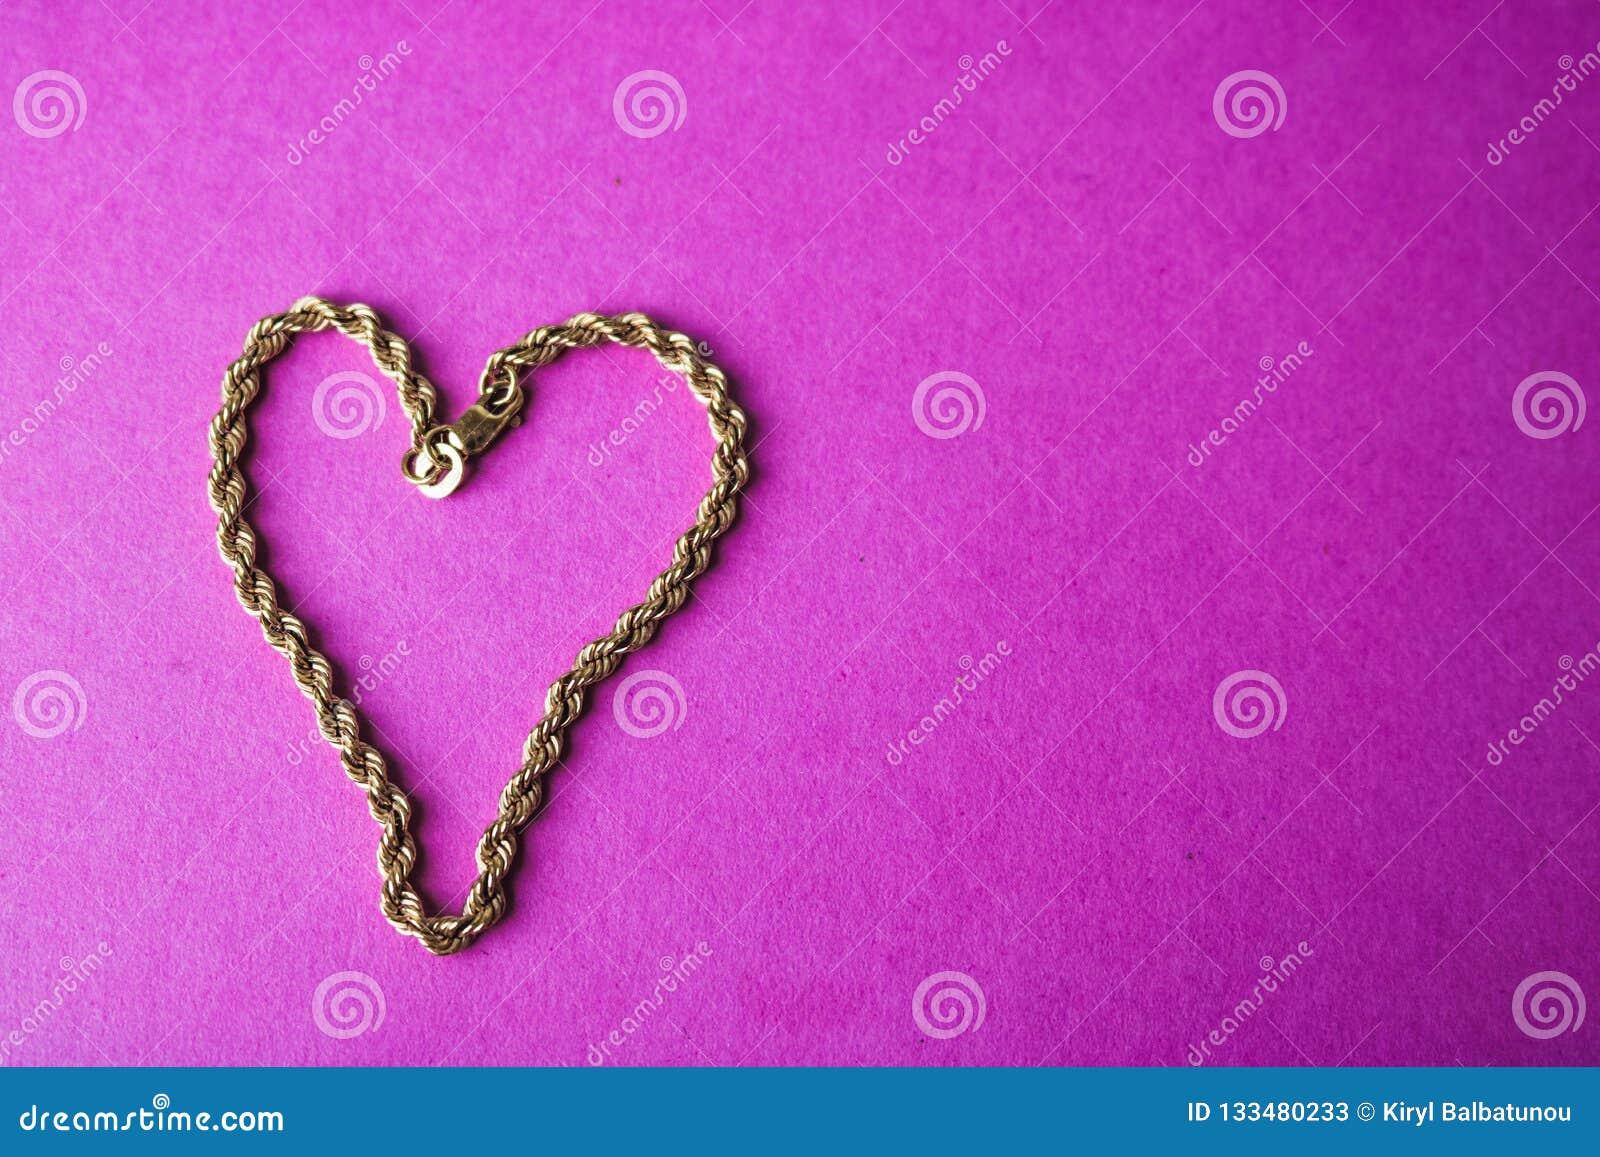 Texture d un tissage unique de belle chaîne de fête d or sous forme de coeur sur un espace pourpre rose de fond et de copie